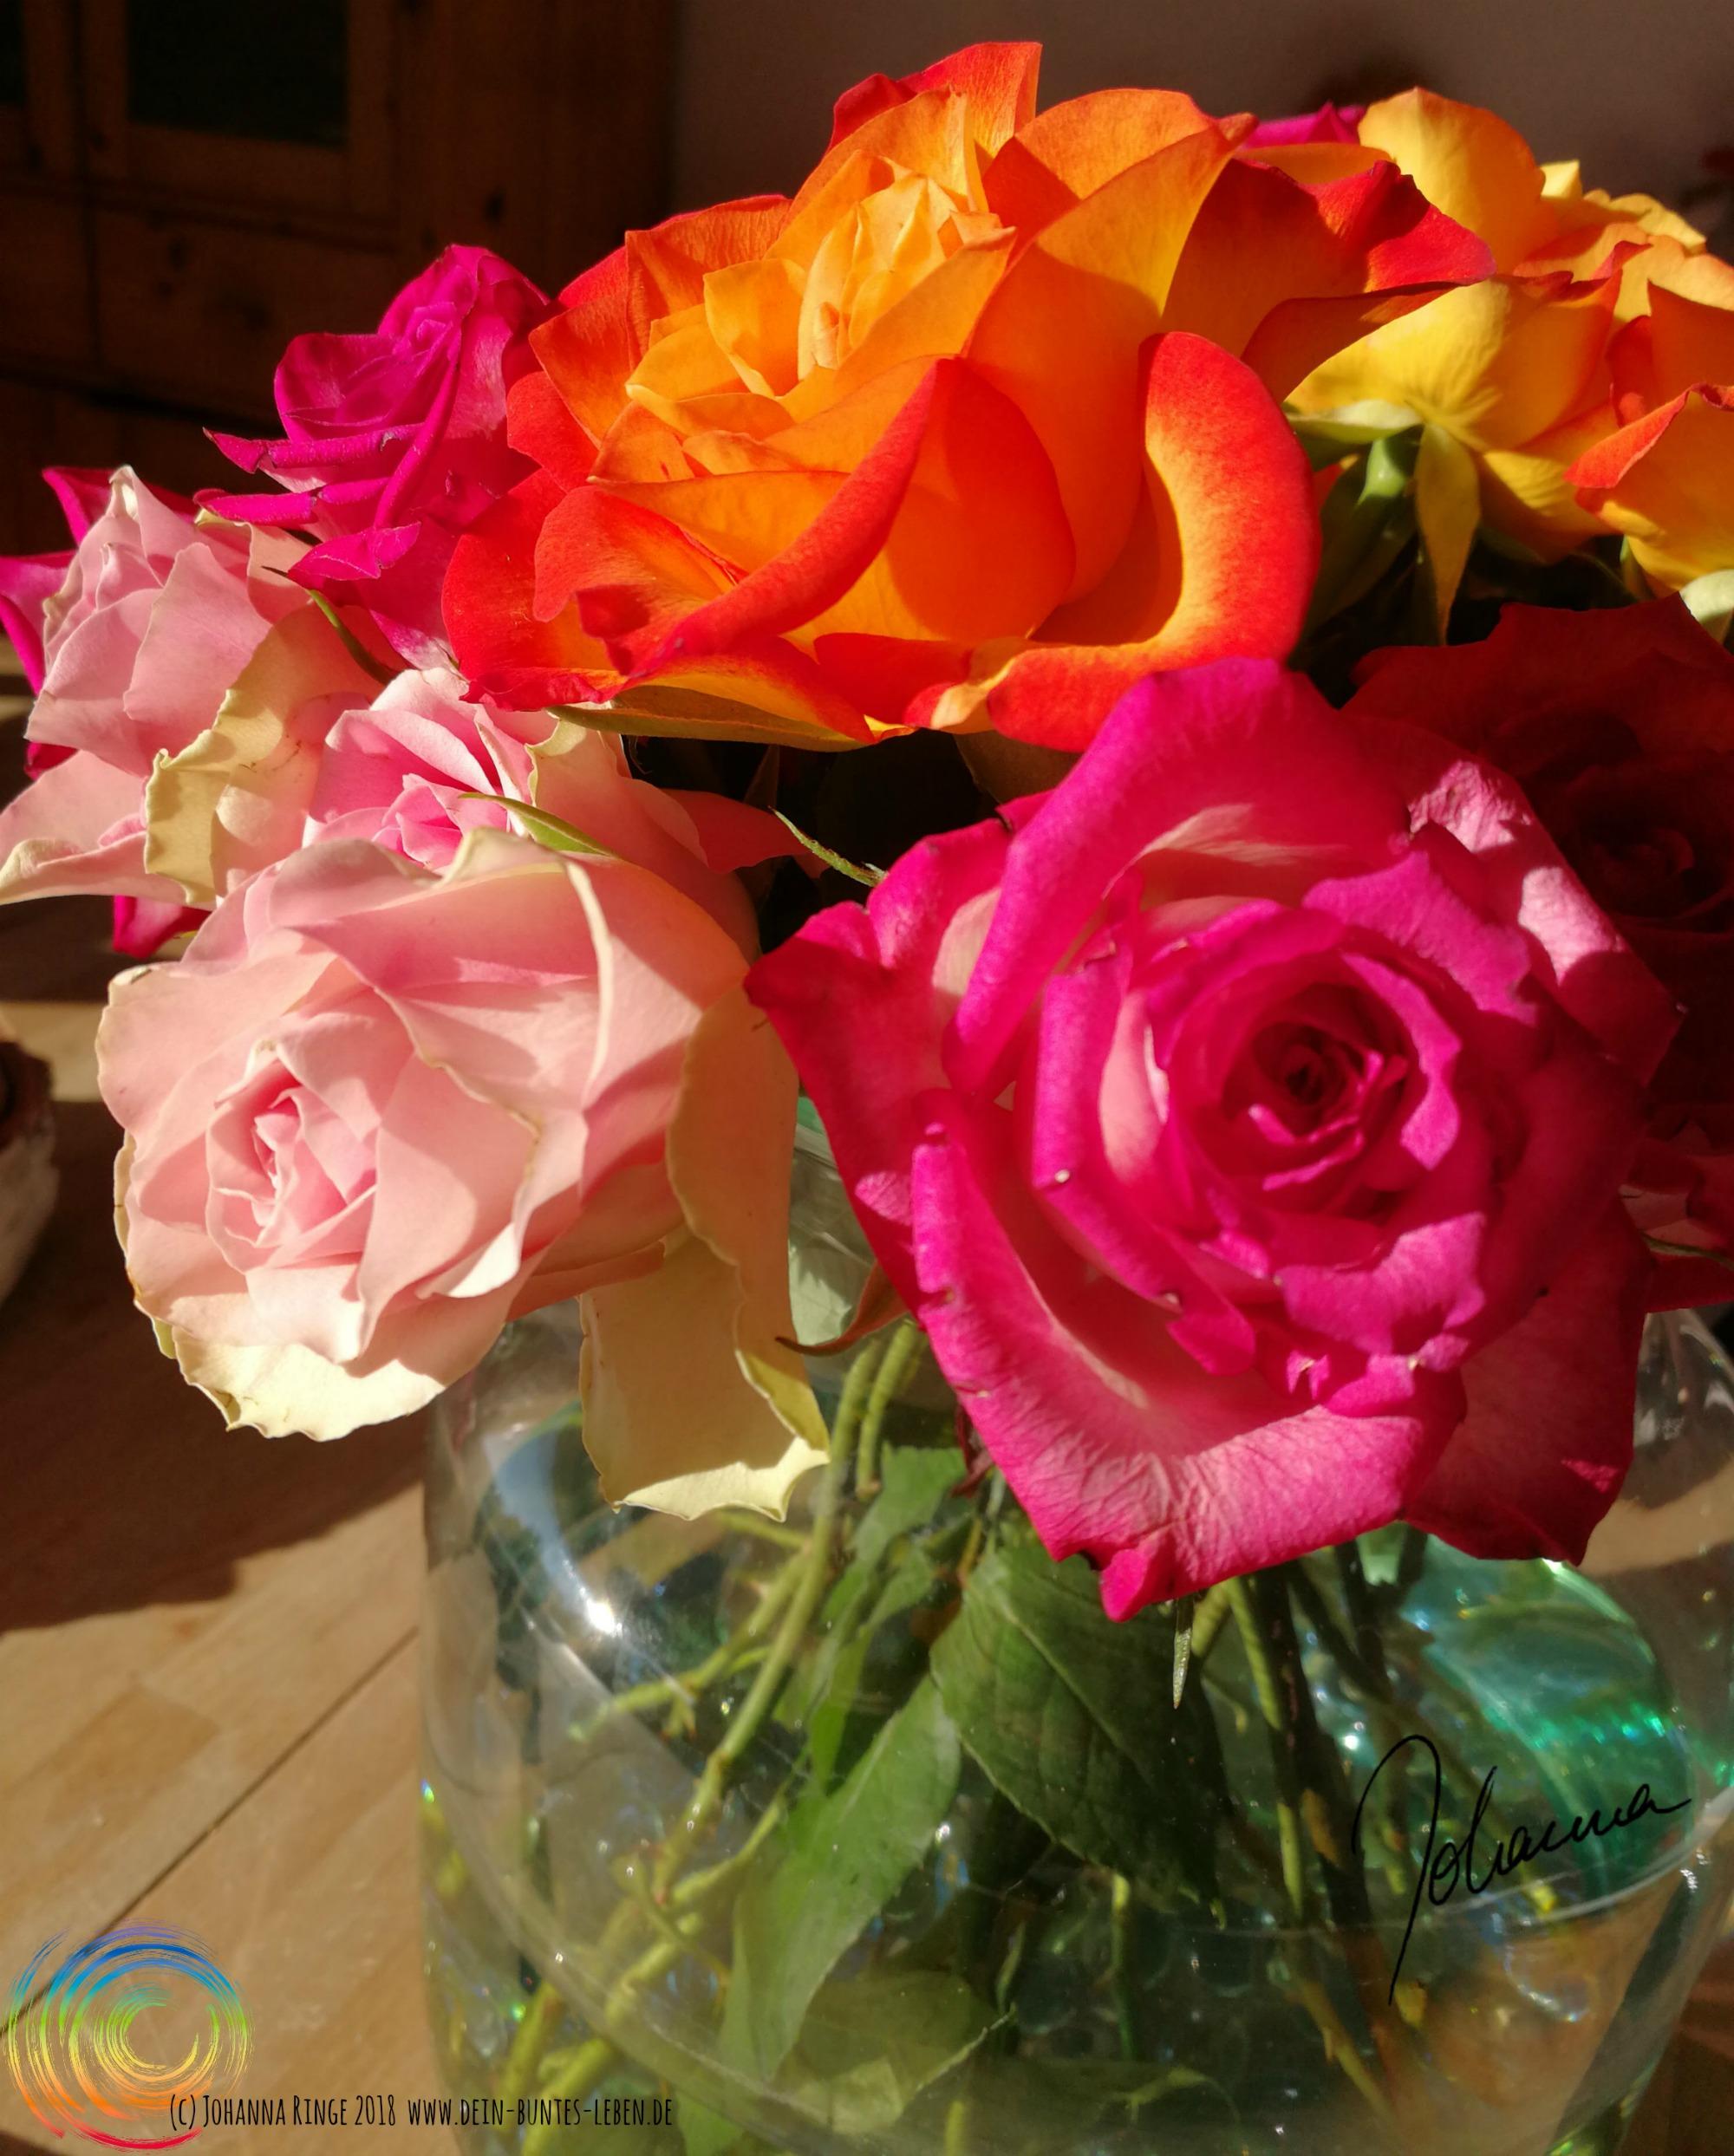 Foto eines Straußes aufgeblühter, voller, bunter Rosen, gebadet in Sonnenstrahlen. (c) Johanna Ringe 2018 www.dein-buntes-leben.de